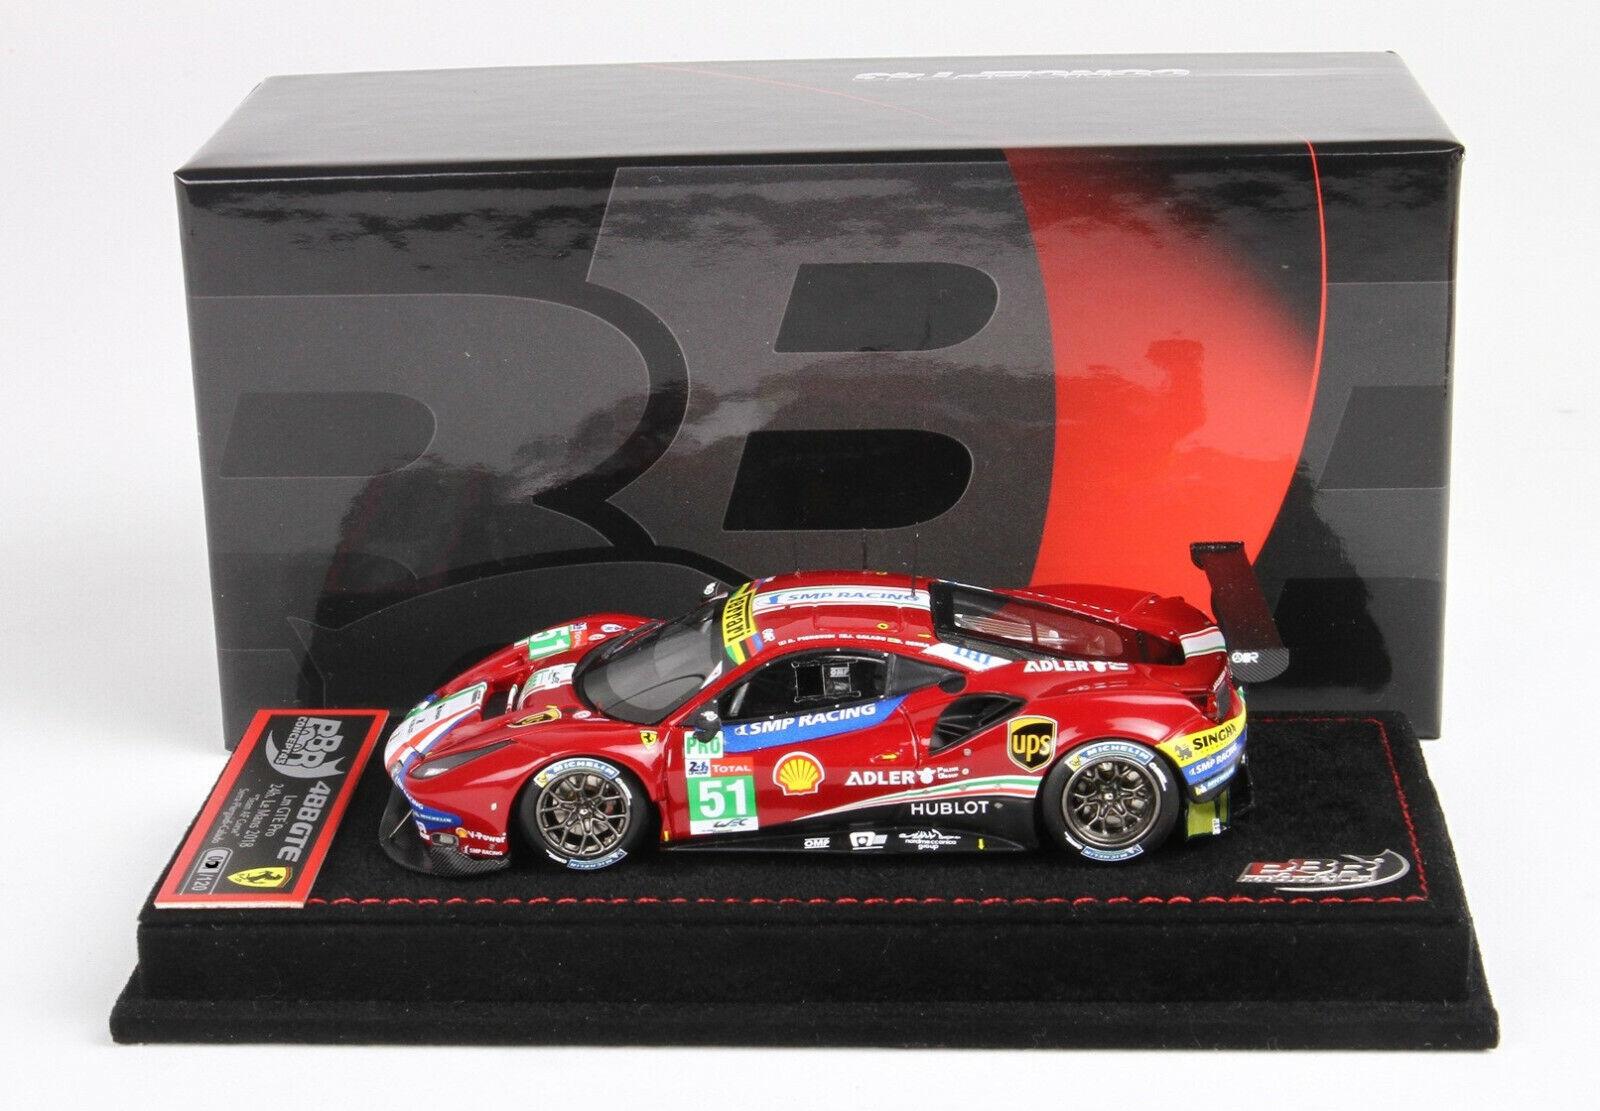 Ferrari 488 gte 24h Le  Mans 2018 voiture 51 1 43 lim.ed.016 120 bbr213 BBR  haute qualité